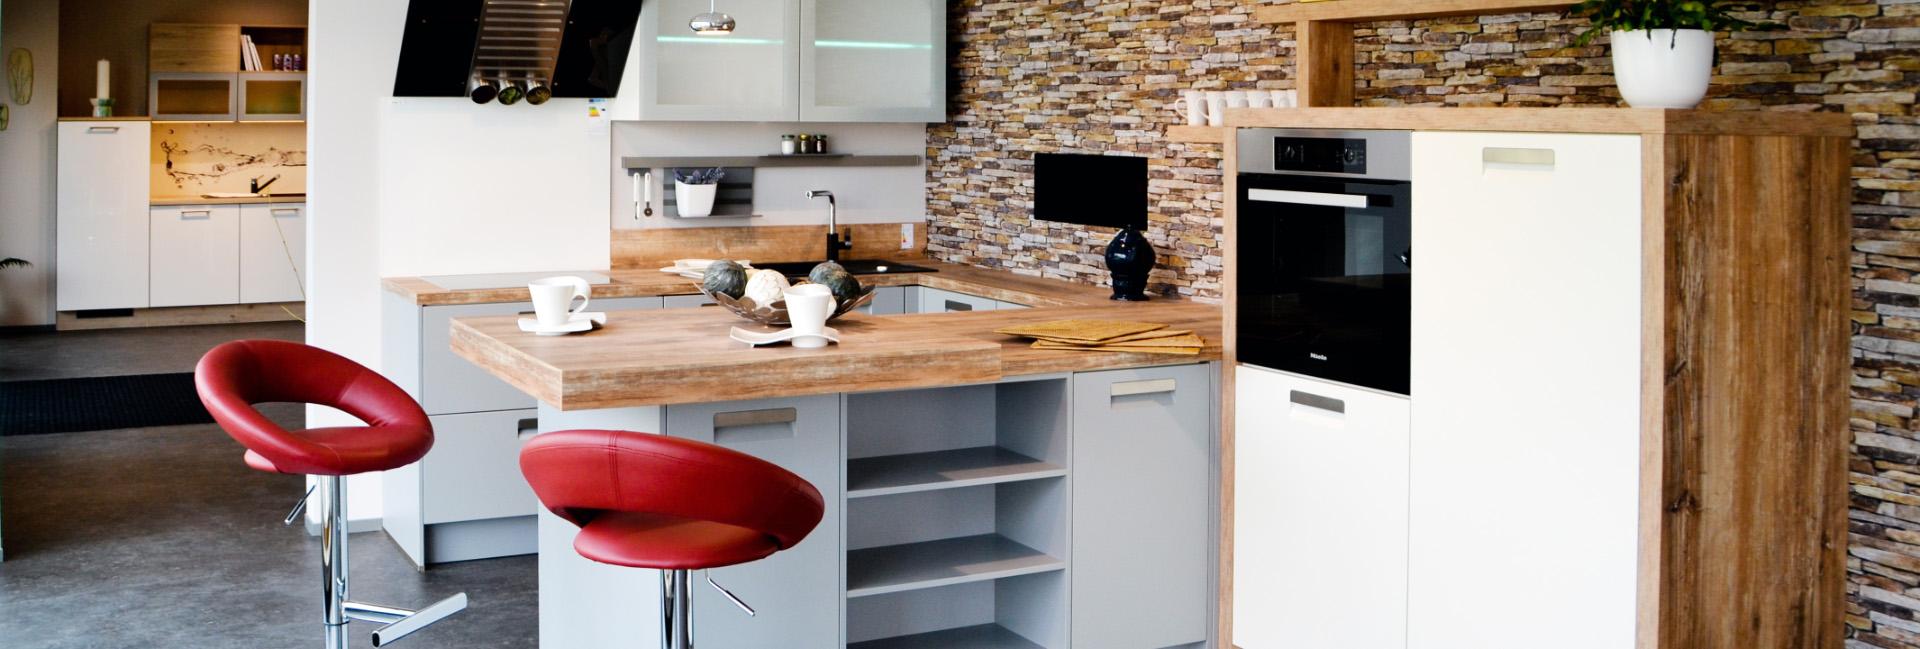 Schneider Küchenschneider Küchen Spezialist Für Küche